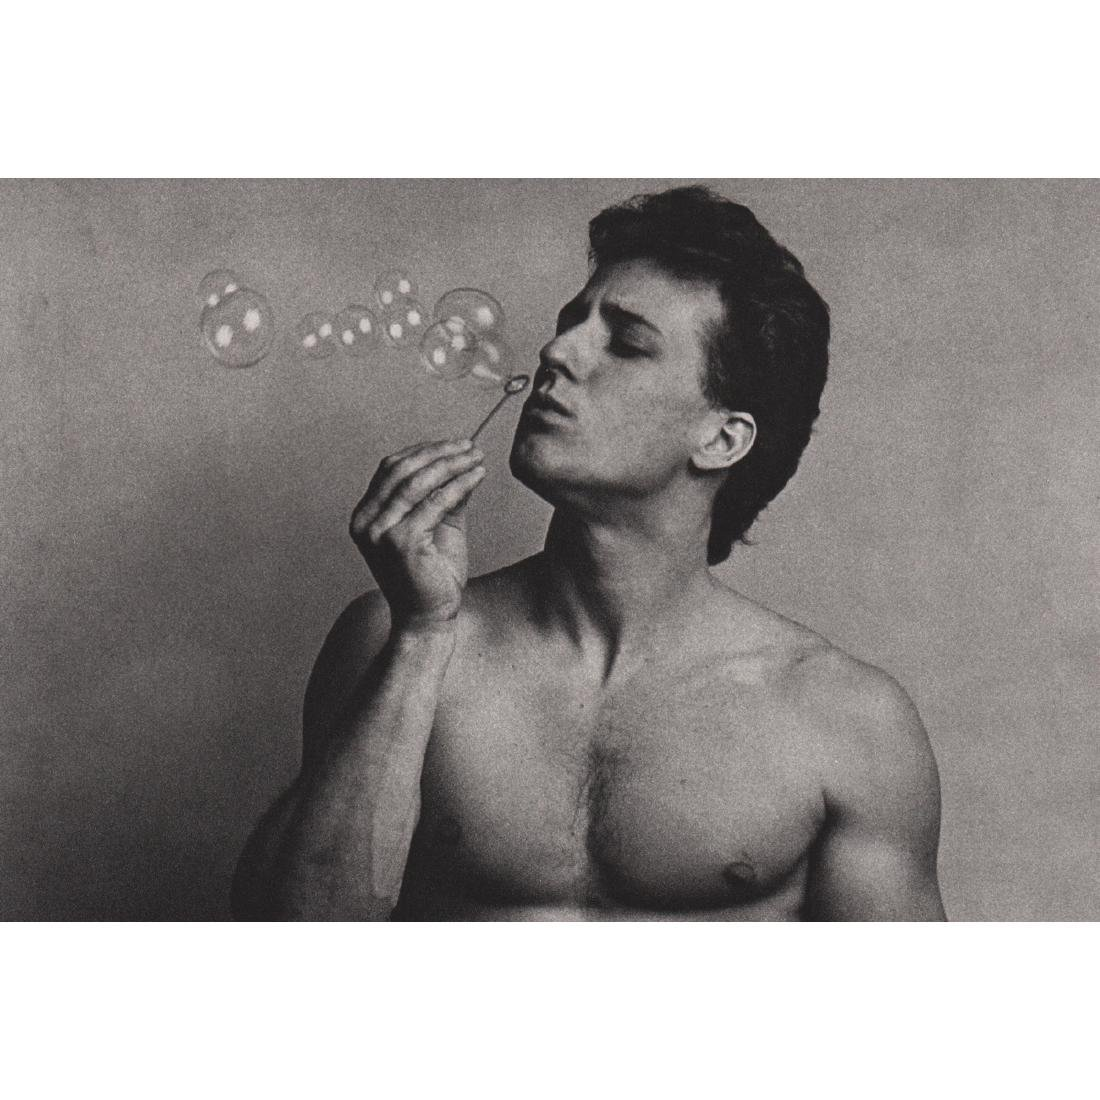 DUANE MICHALS - Blowing Bubbles